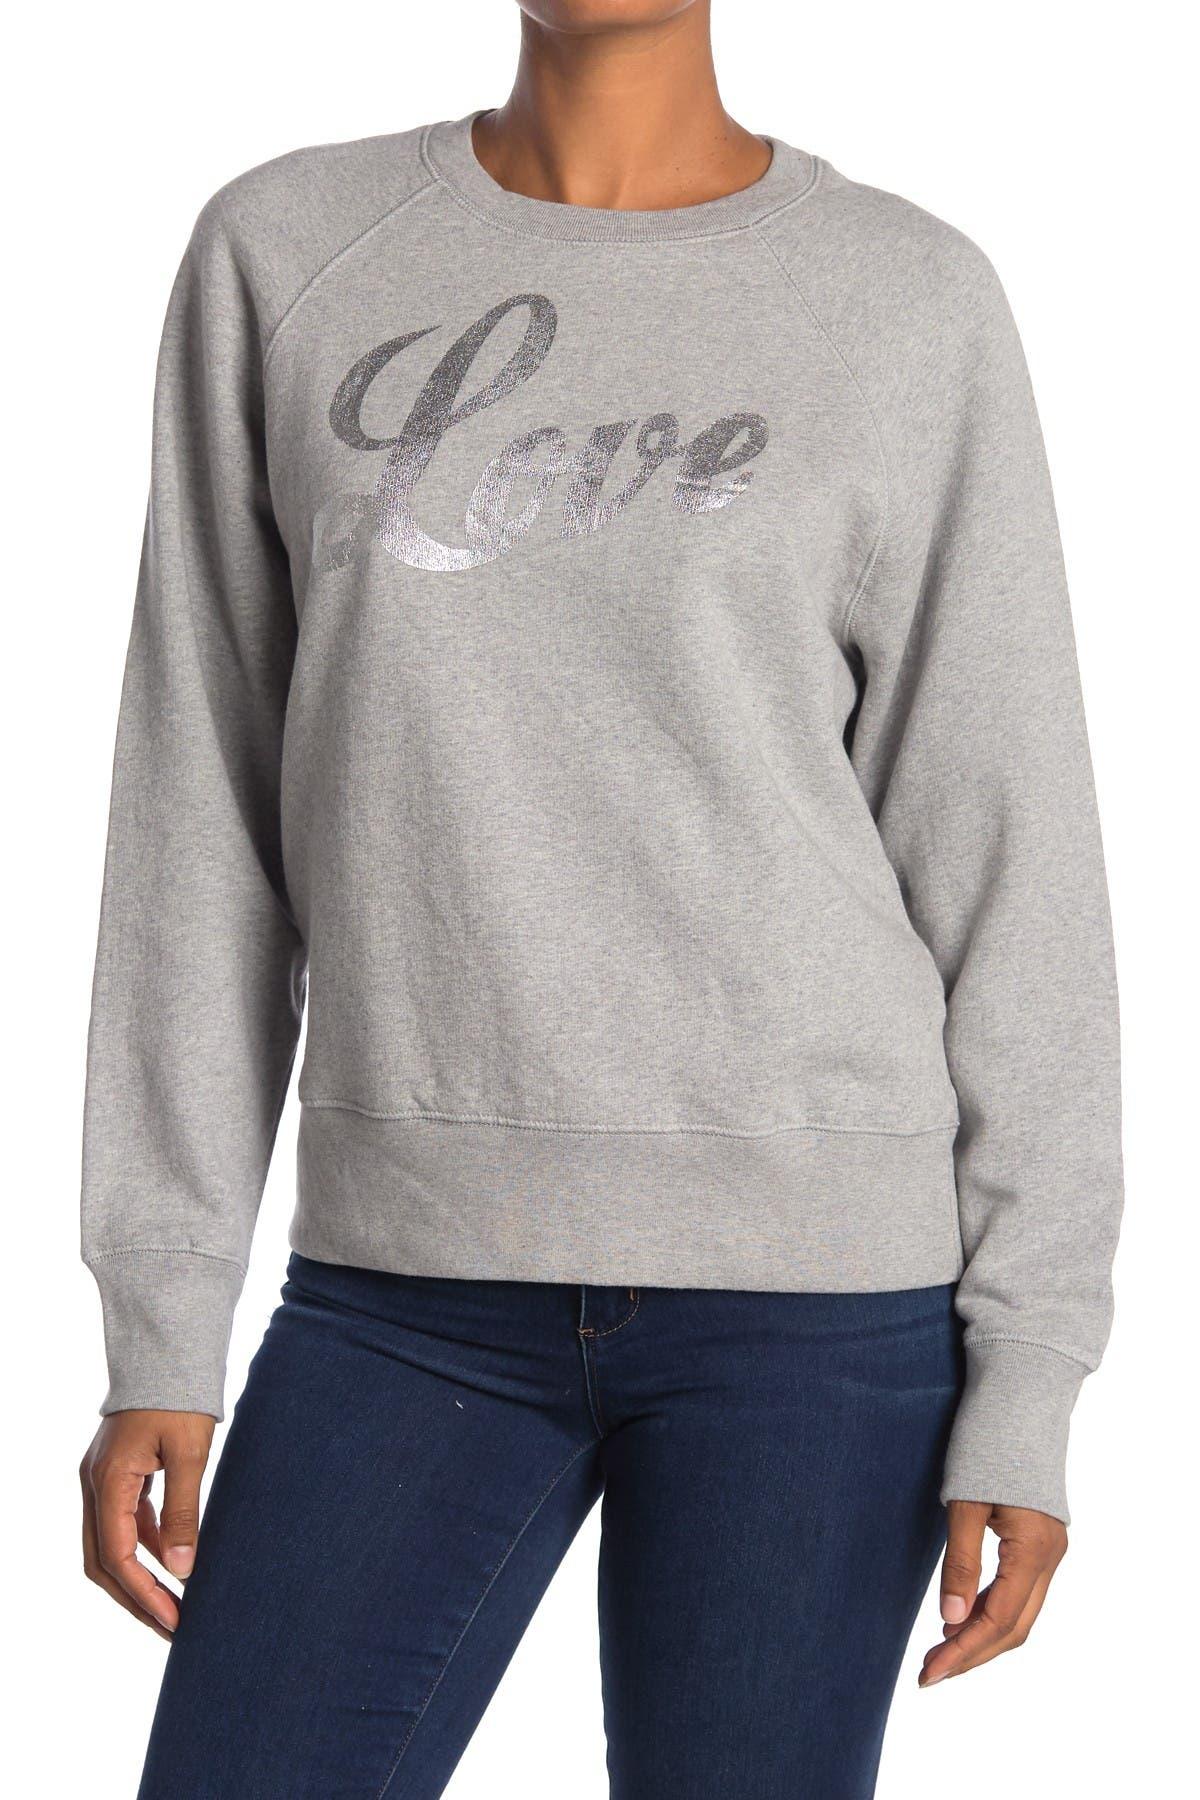 Image of Zadig & Voltaire Love Amour Raglan Pullover Sweatshirt